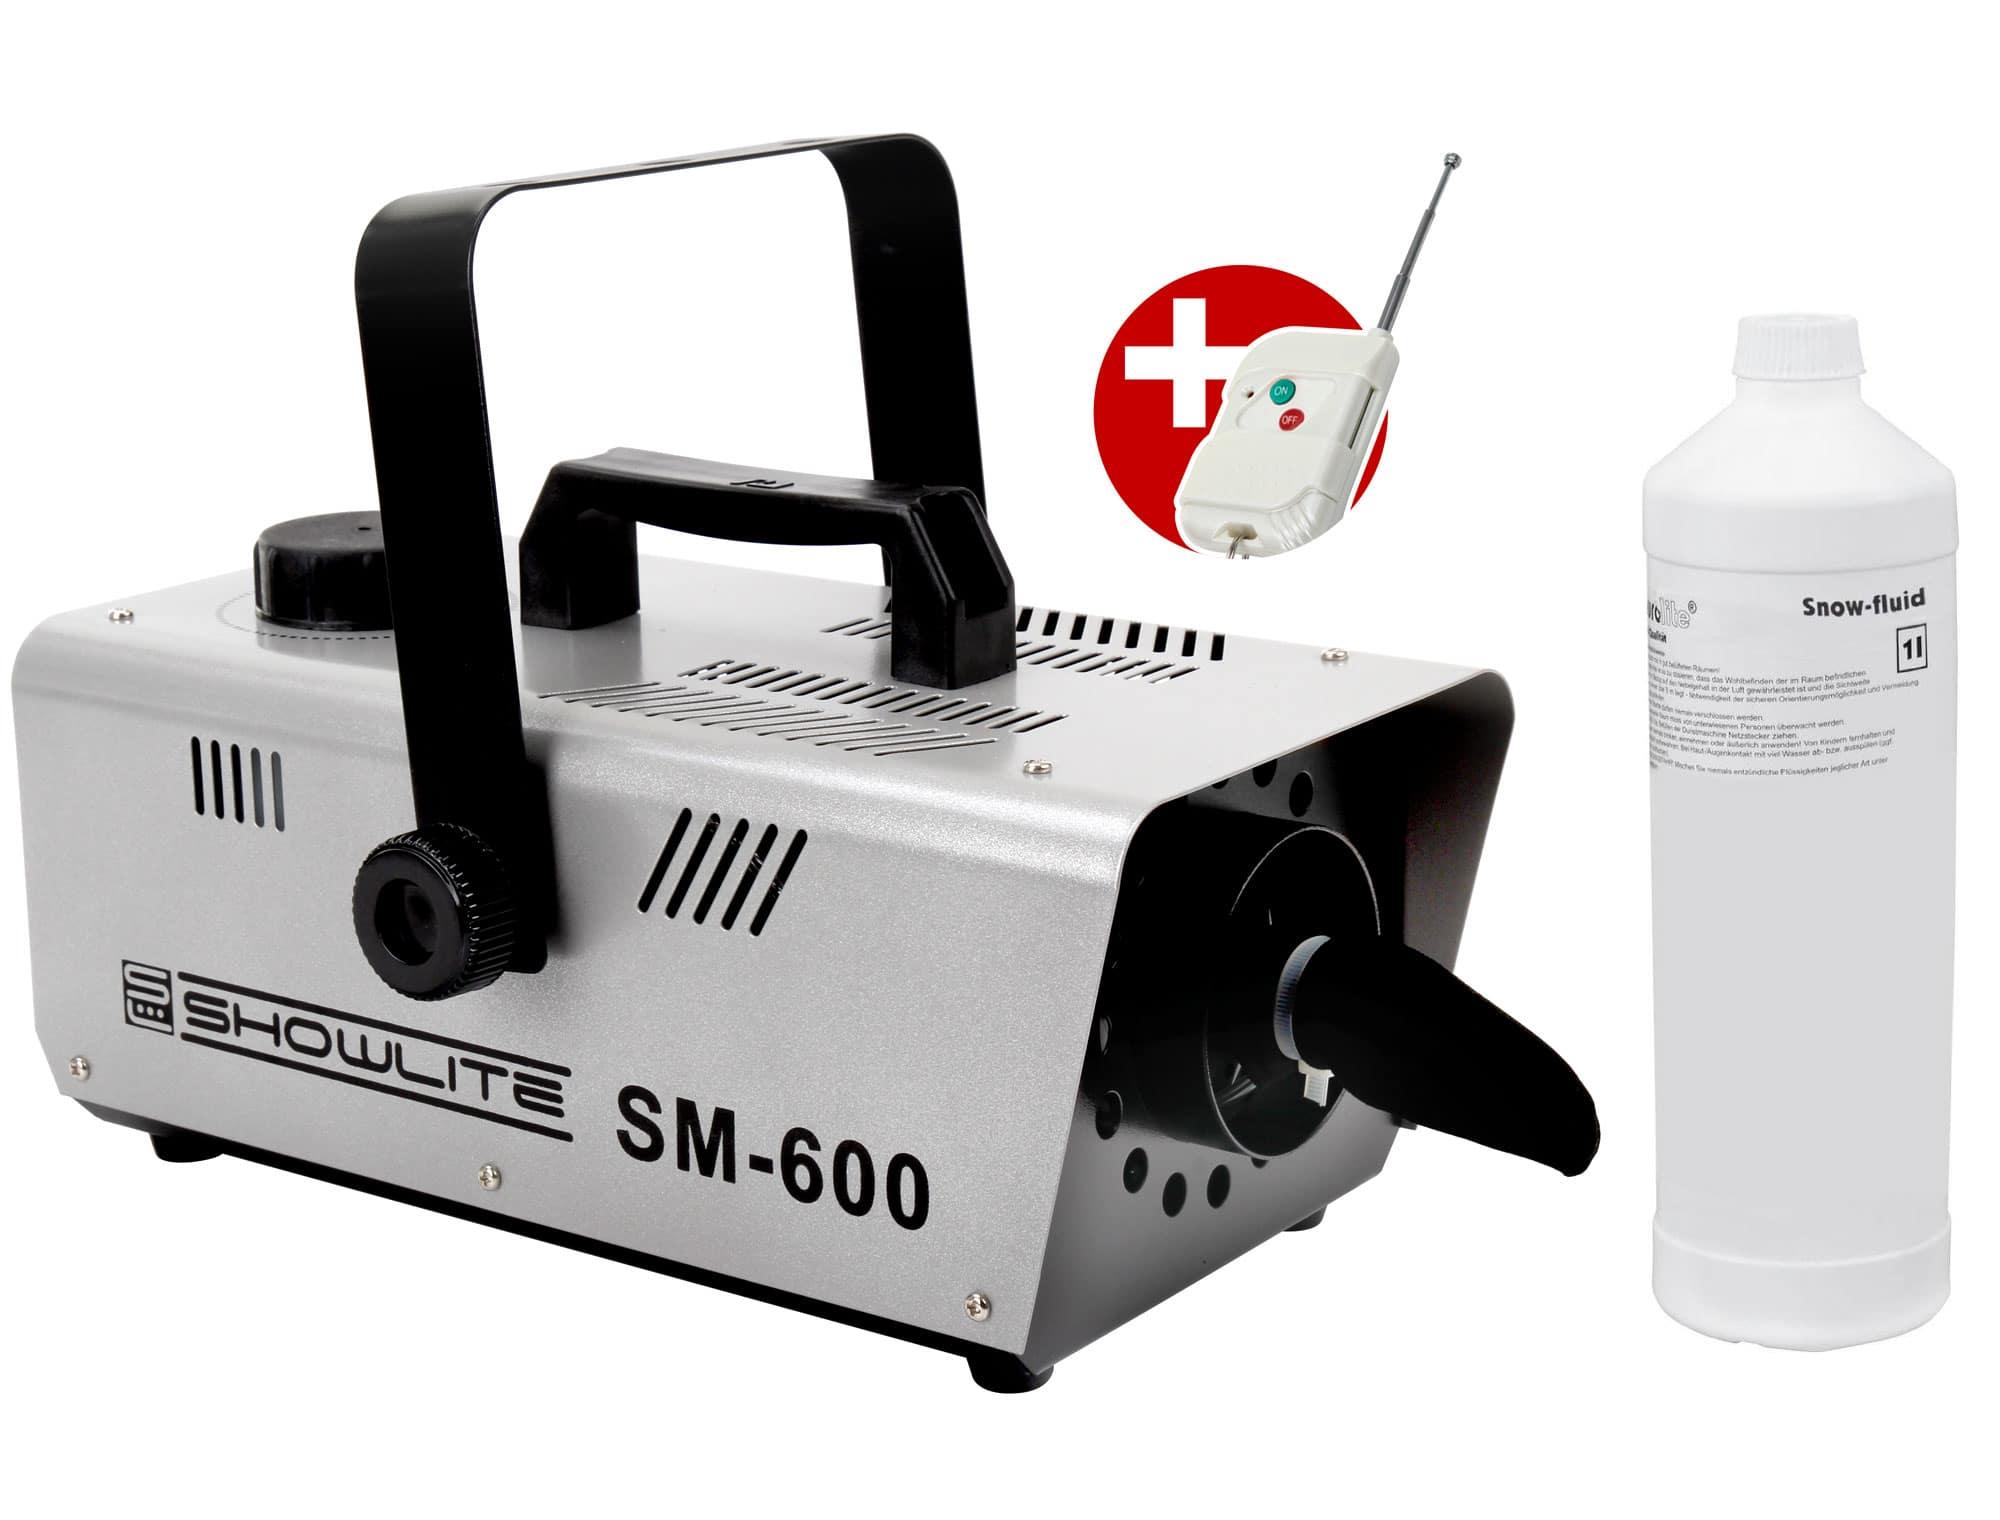 Komplettset Showlite SM 600 Schneemaschine 600W inkl. Fernbedienung 1 L Schneefluid